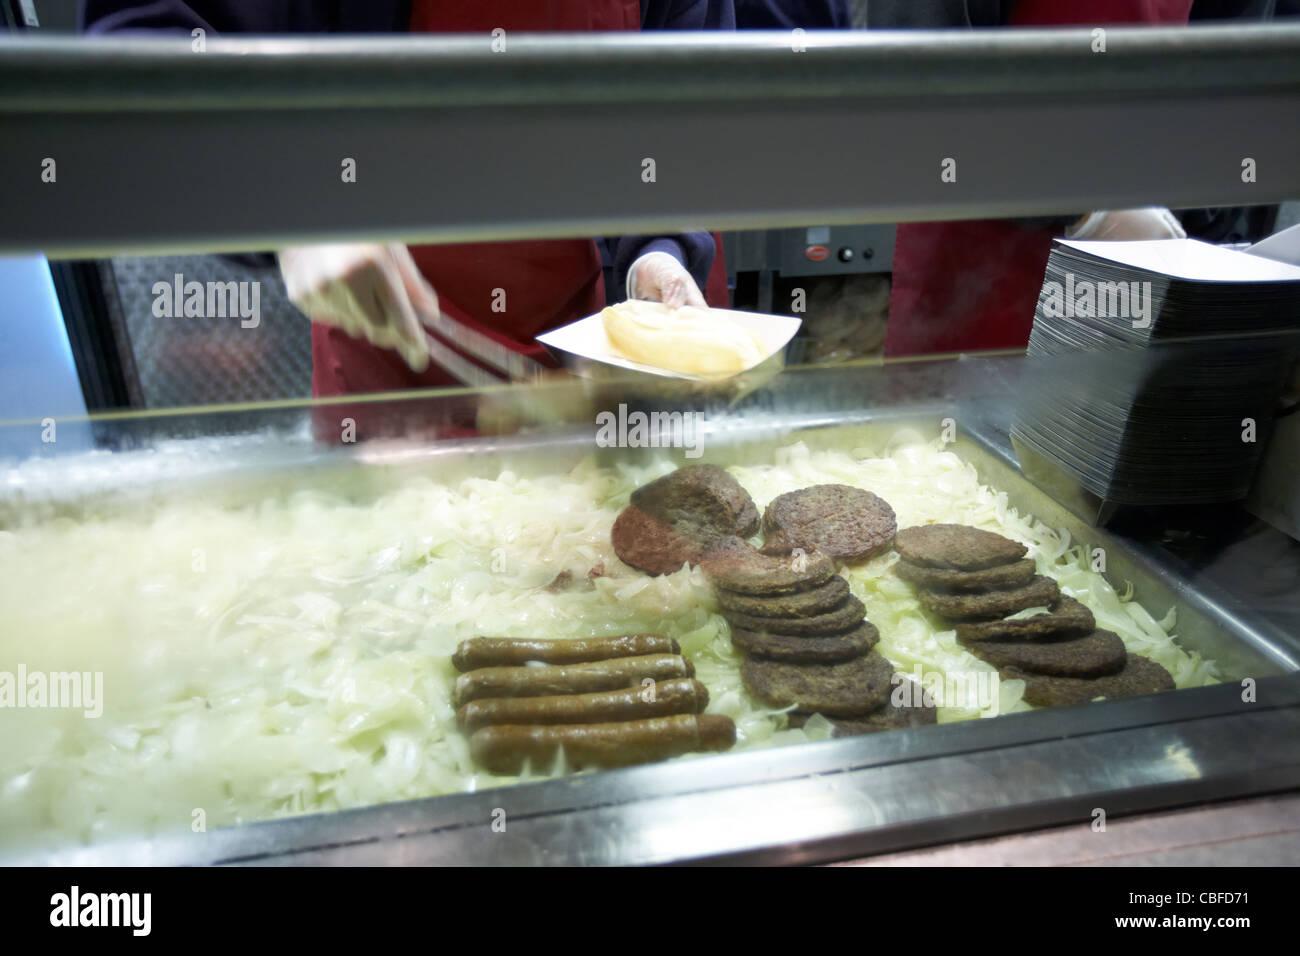 Burger Und Wurstchen Auf Bett Von Zwiebeln Auf Ein Fast Food Mobile